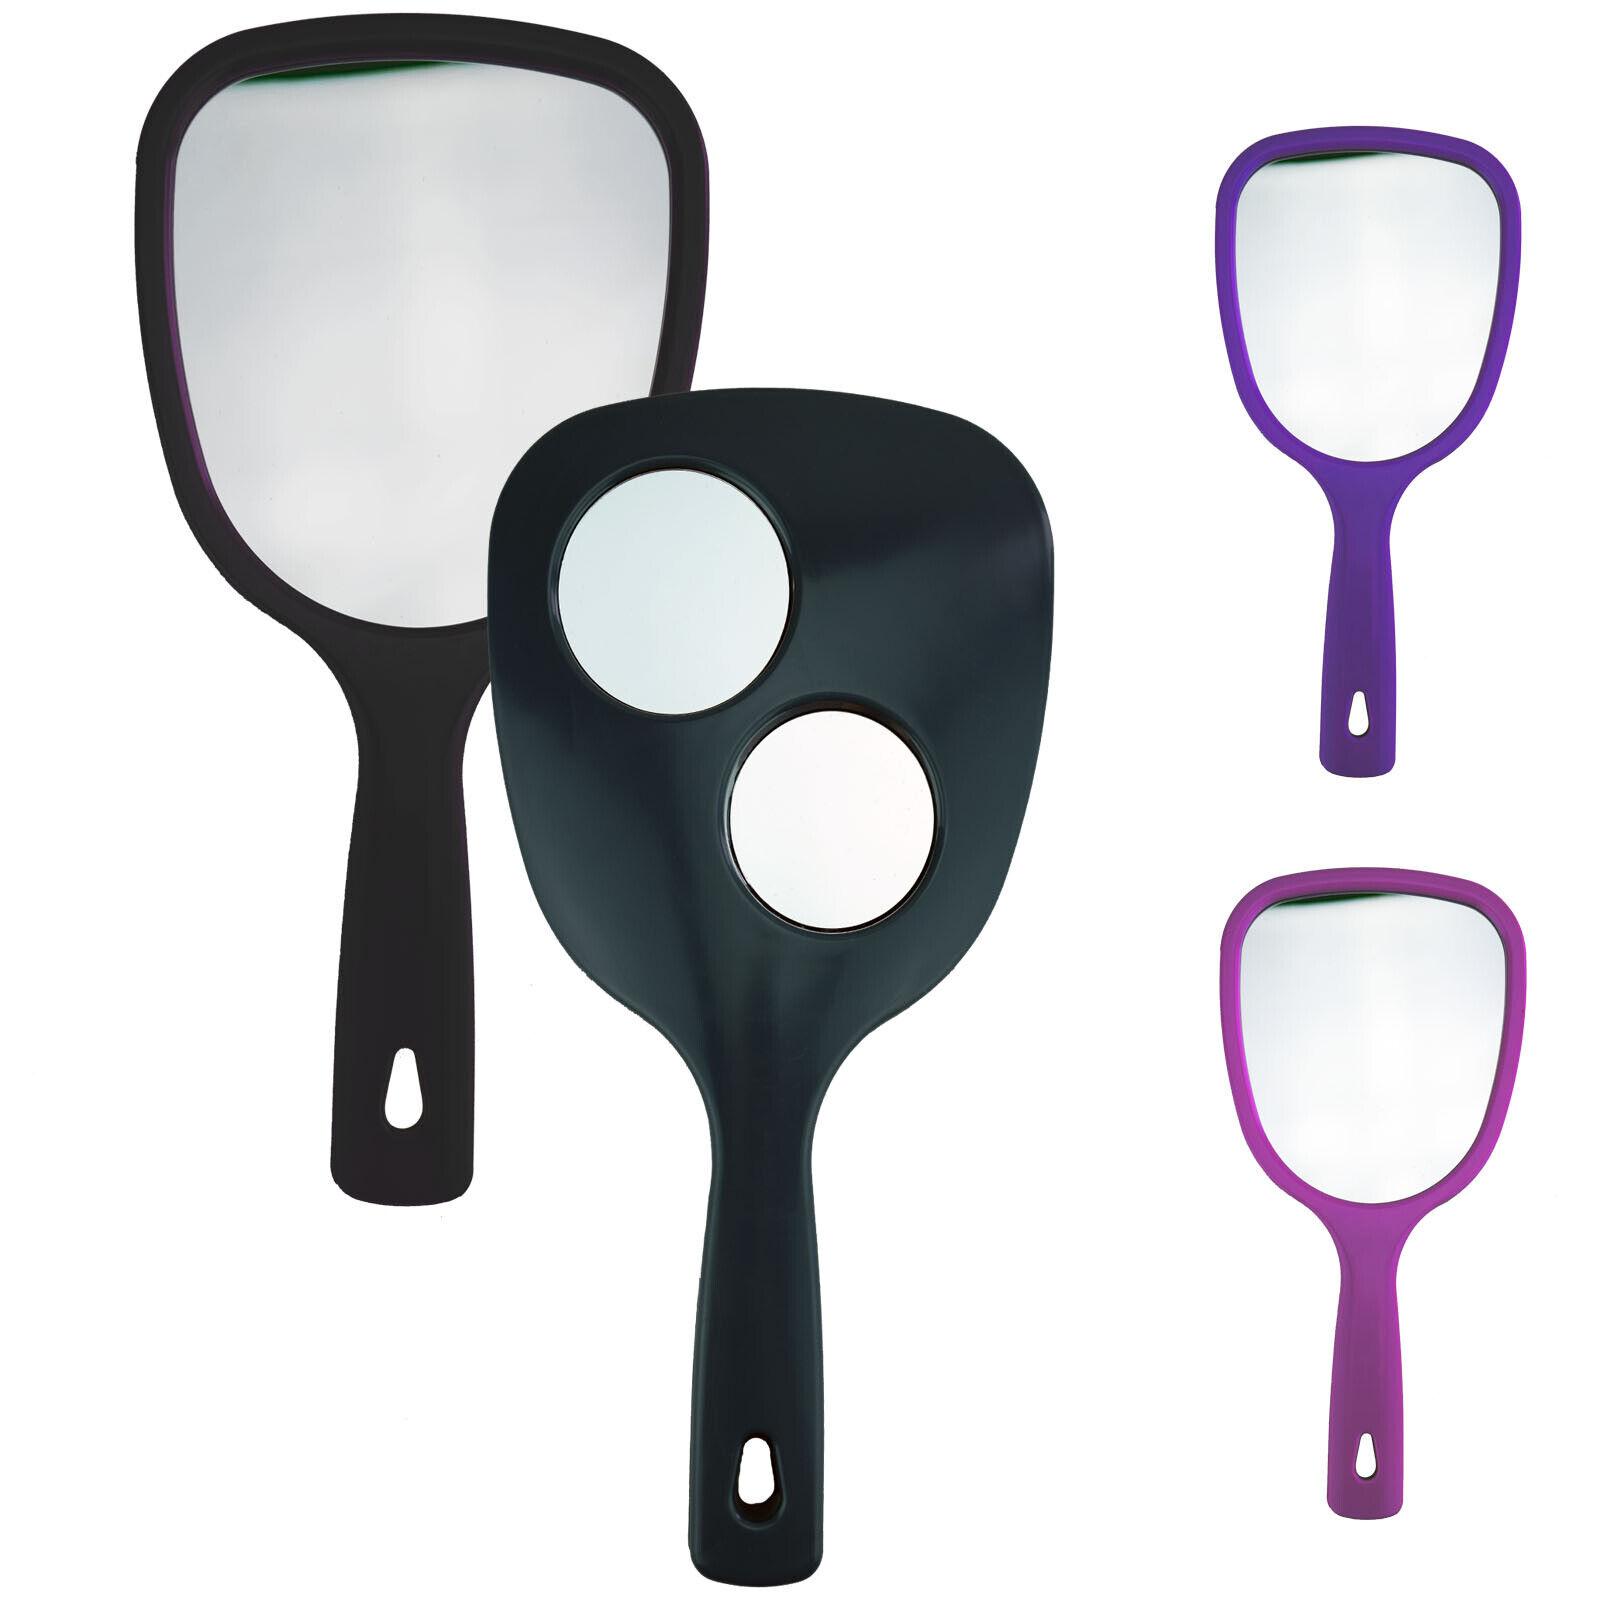 Handspiegel mit Griff 3in1 Spiegel Vergrößerung Kosmetikspiegel Schminkspiegel